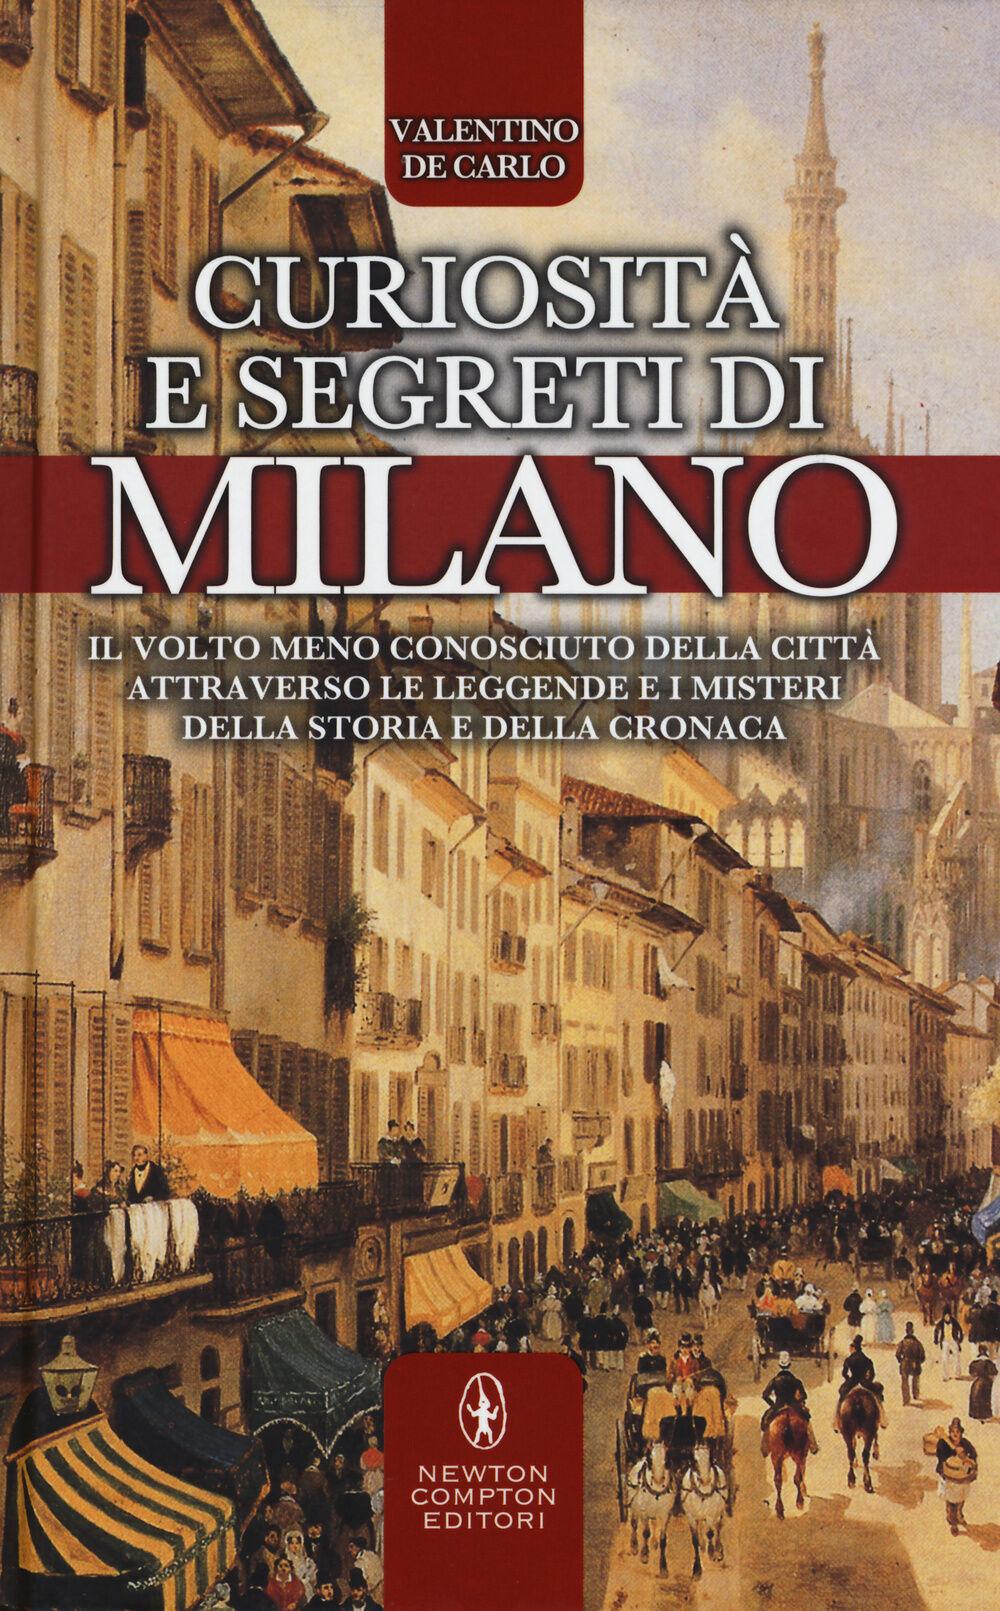 Curiosità e segreti di Milano